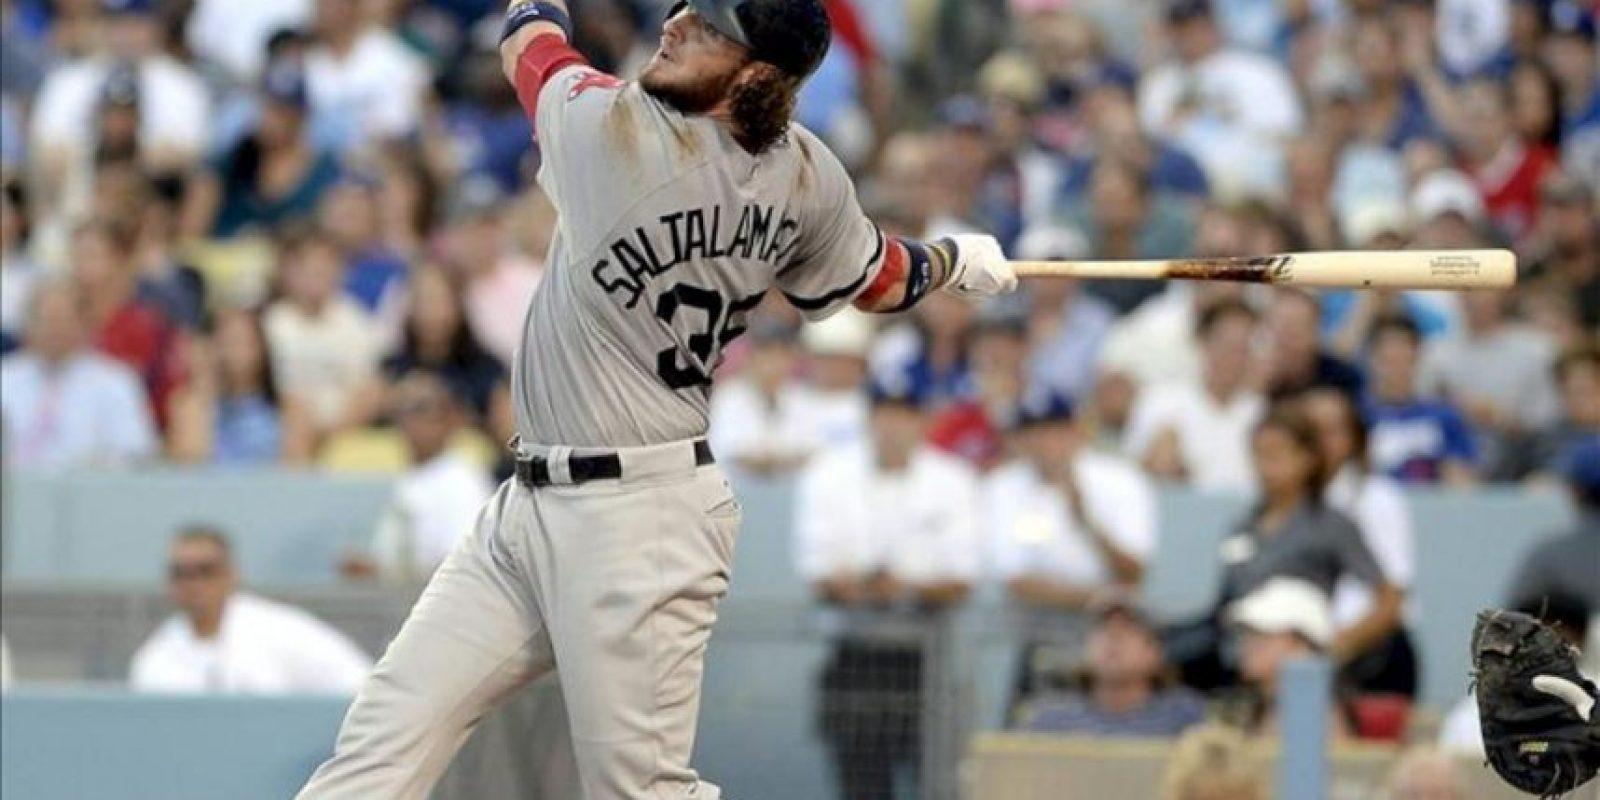 El receptor Jarrod Saltalamacchia de los Medias Rojas de Boston batea durante el juego ante los Dodgers de Los Ángeles. EFE